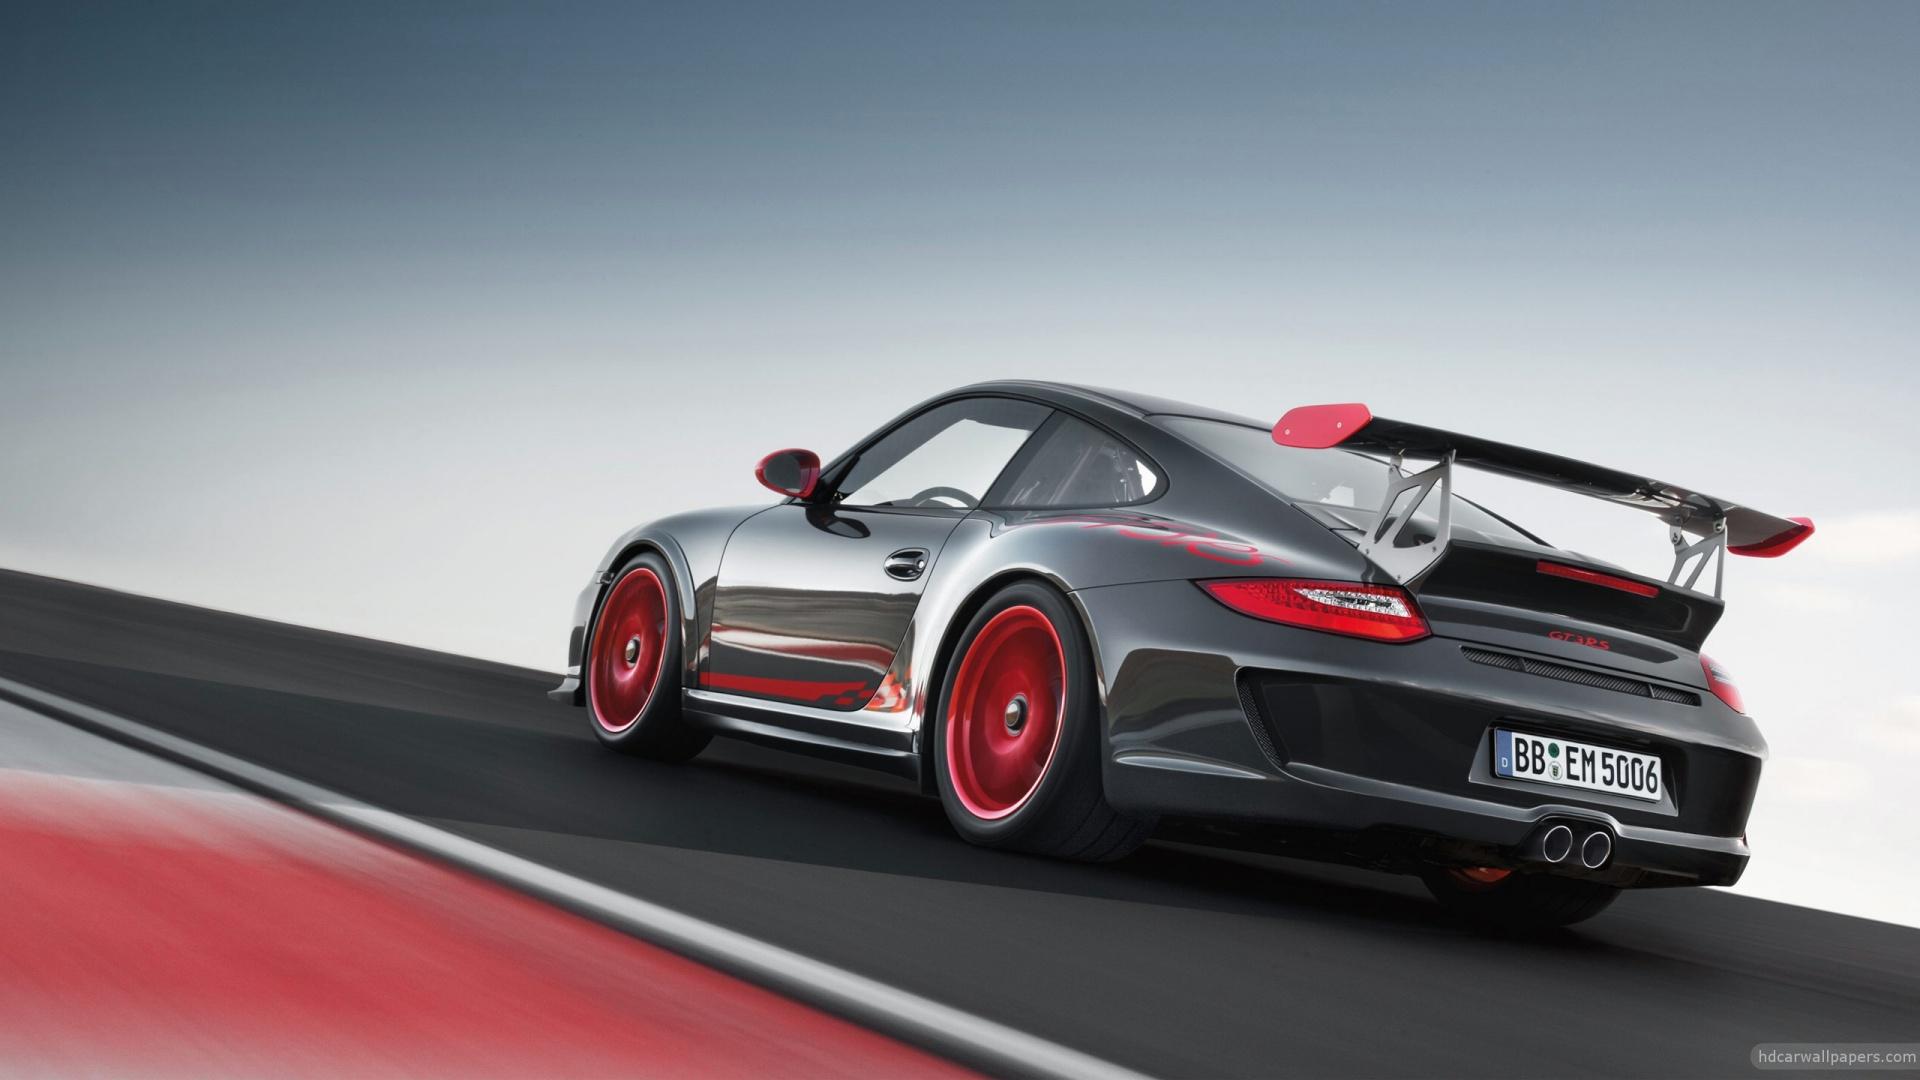 Porsche 911 GT3 RS 2 Wallpaper HD Car Wallpapers 1920x1080